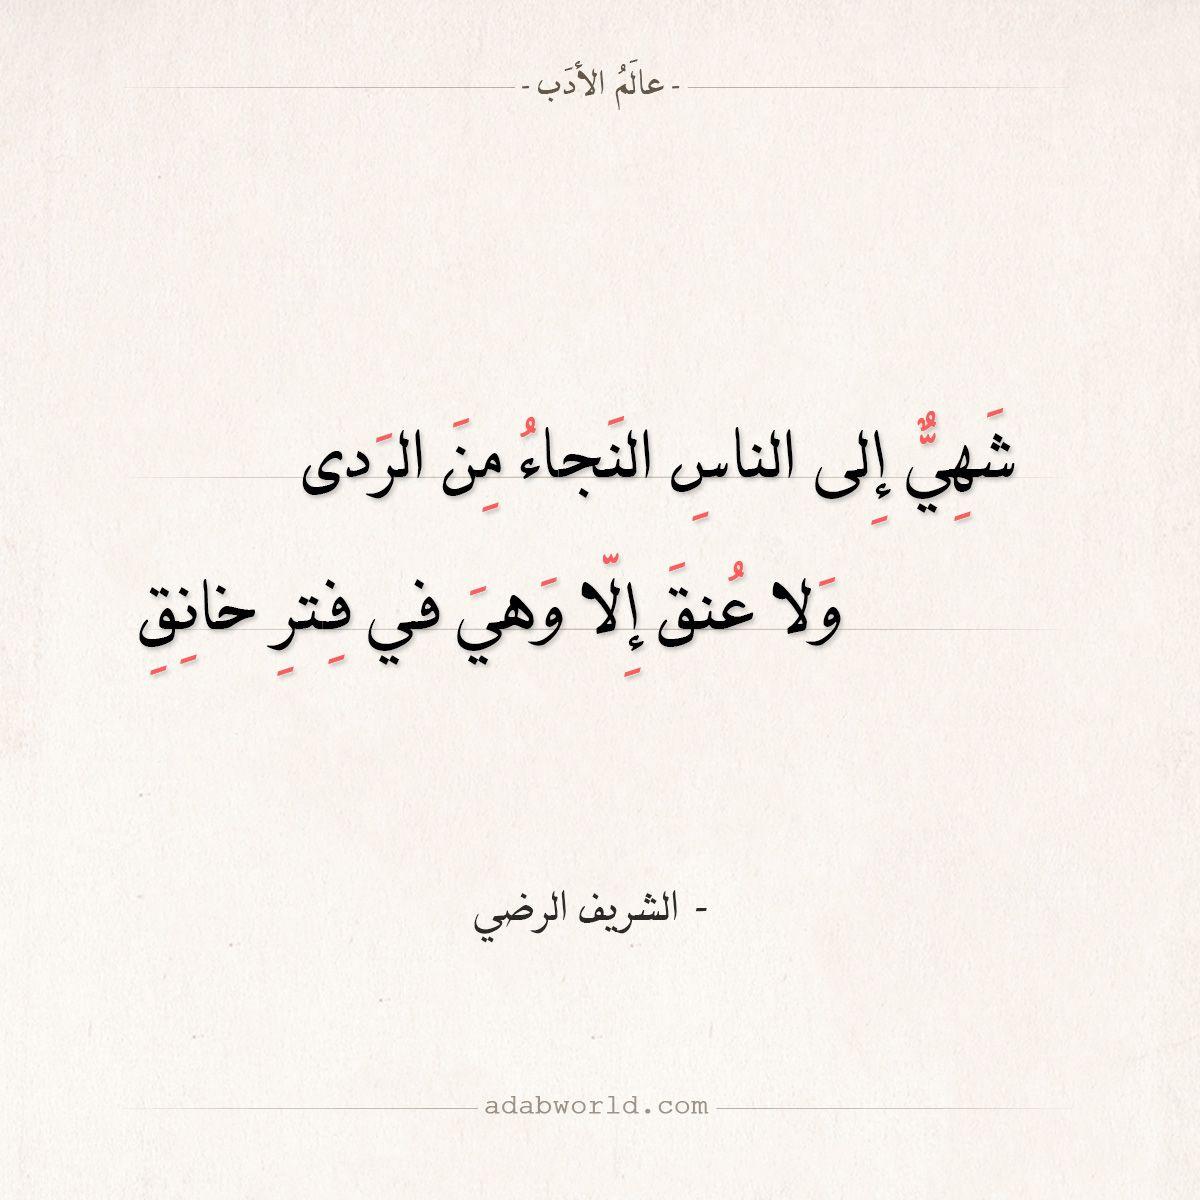 شعر الشريف الرضي شهي إلى الناس النجاء من الردى عالم الأدب Quotes Arabic Calligraphy Calligraphy